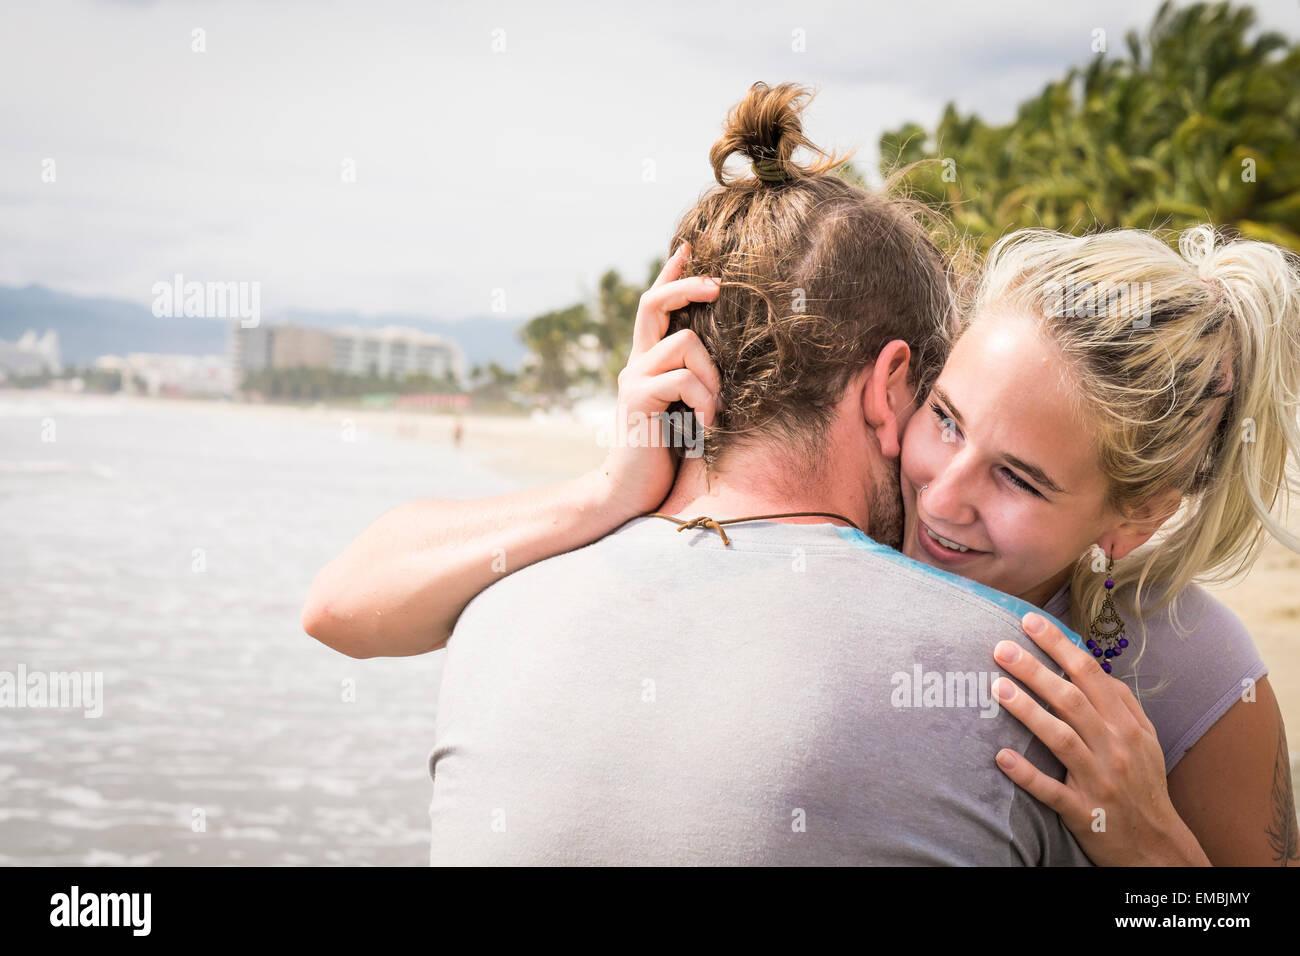 Young woman hugging young man, smiling, lors d'une plage. Riviera Nayarit, la côte du Pacifique, Mexique Photo Stock